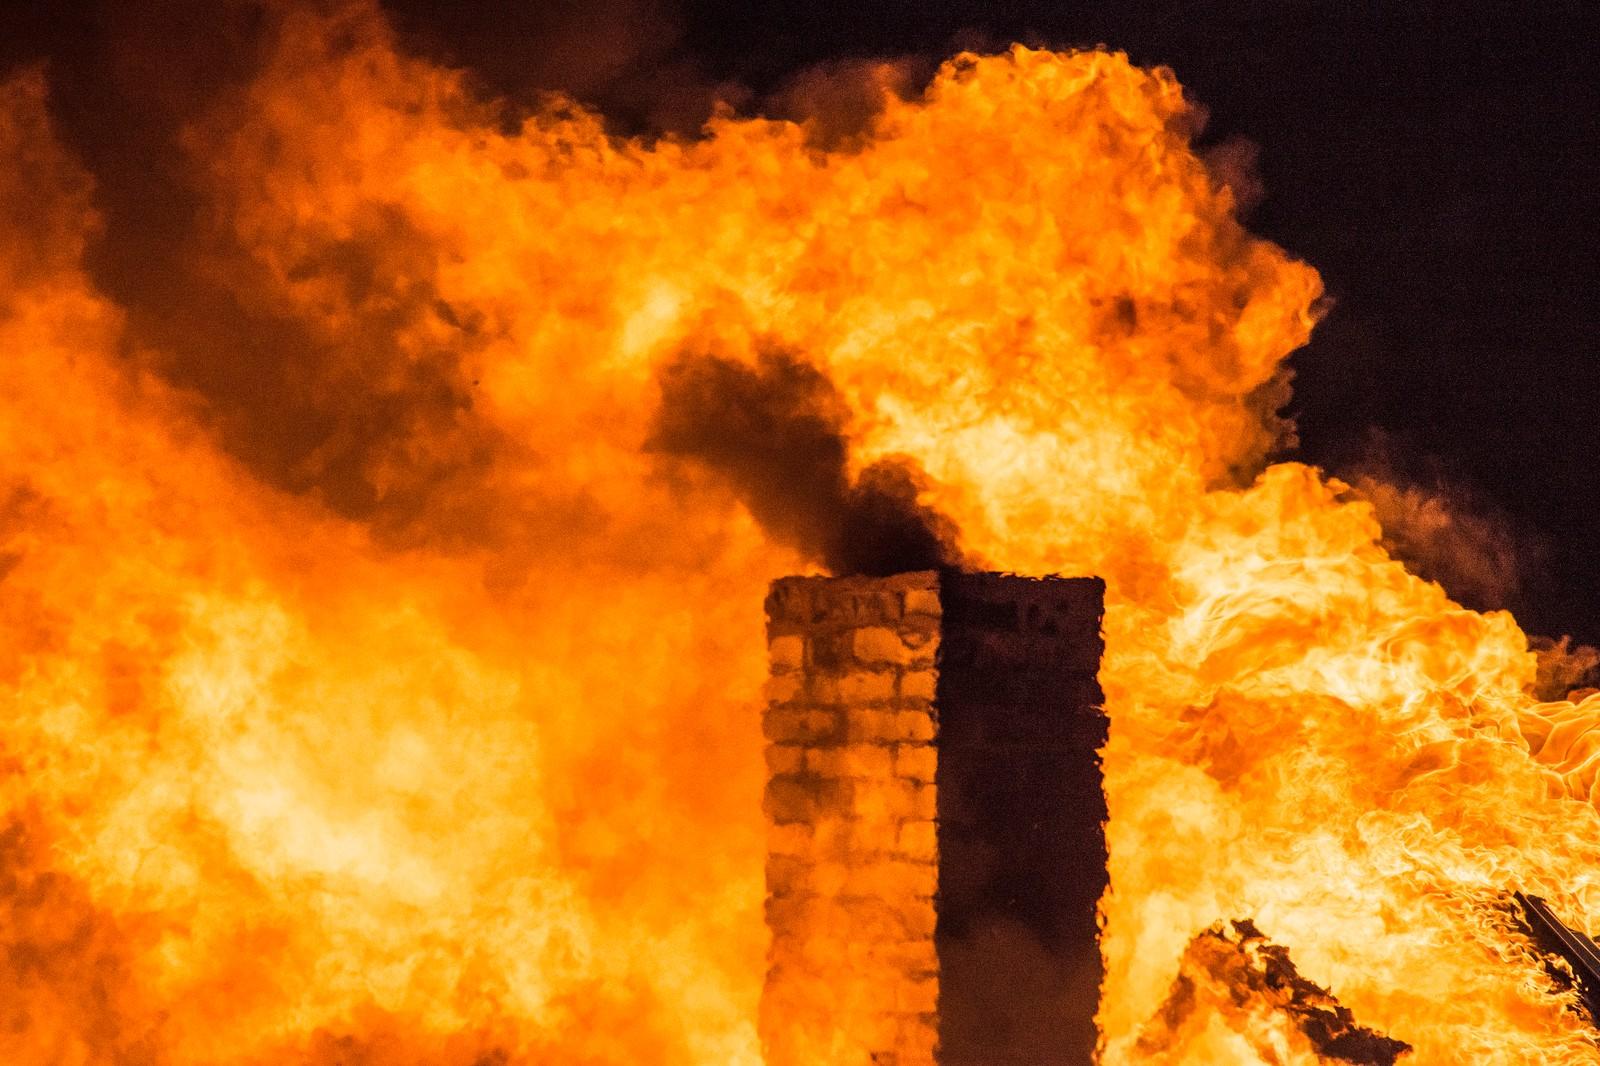 Det røyk også frå pipa då brannvesenet hadde øving.